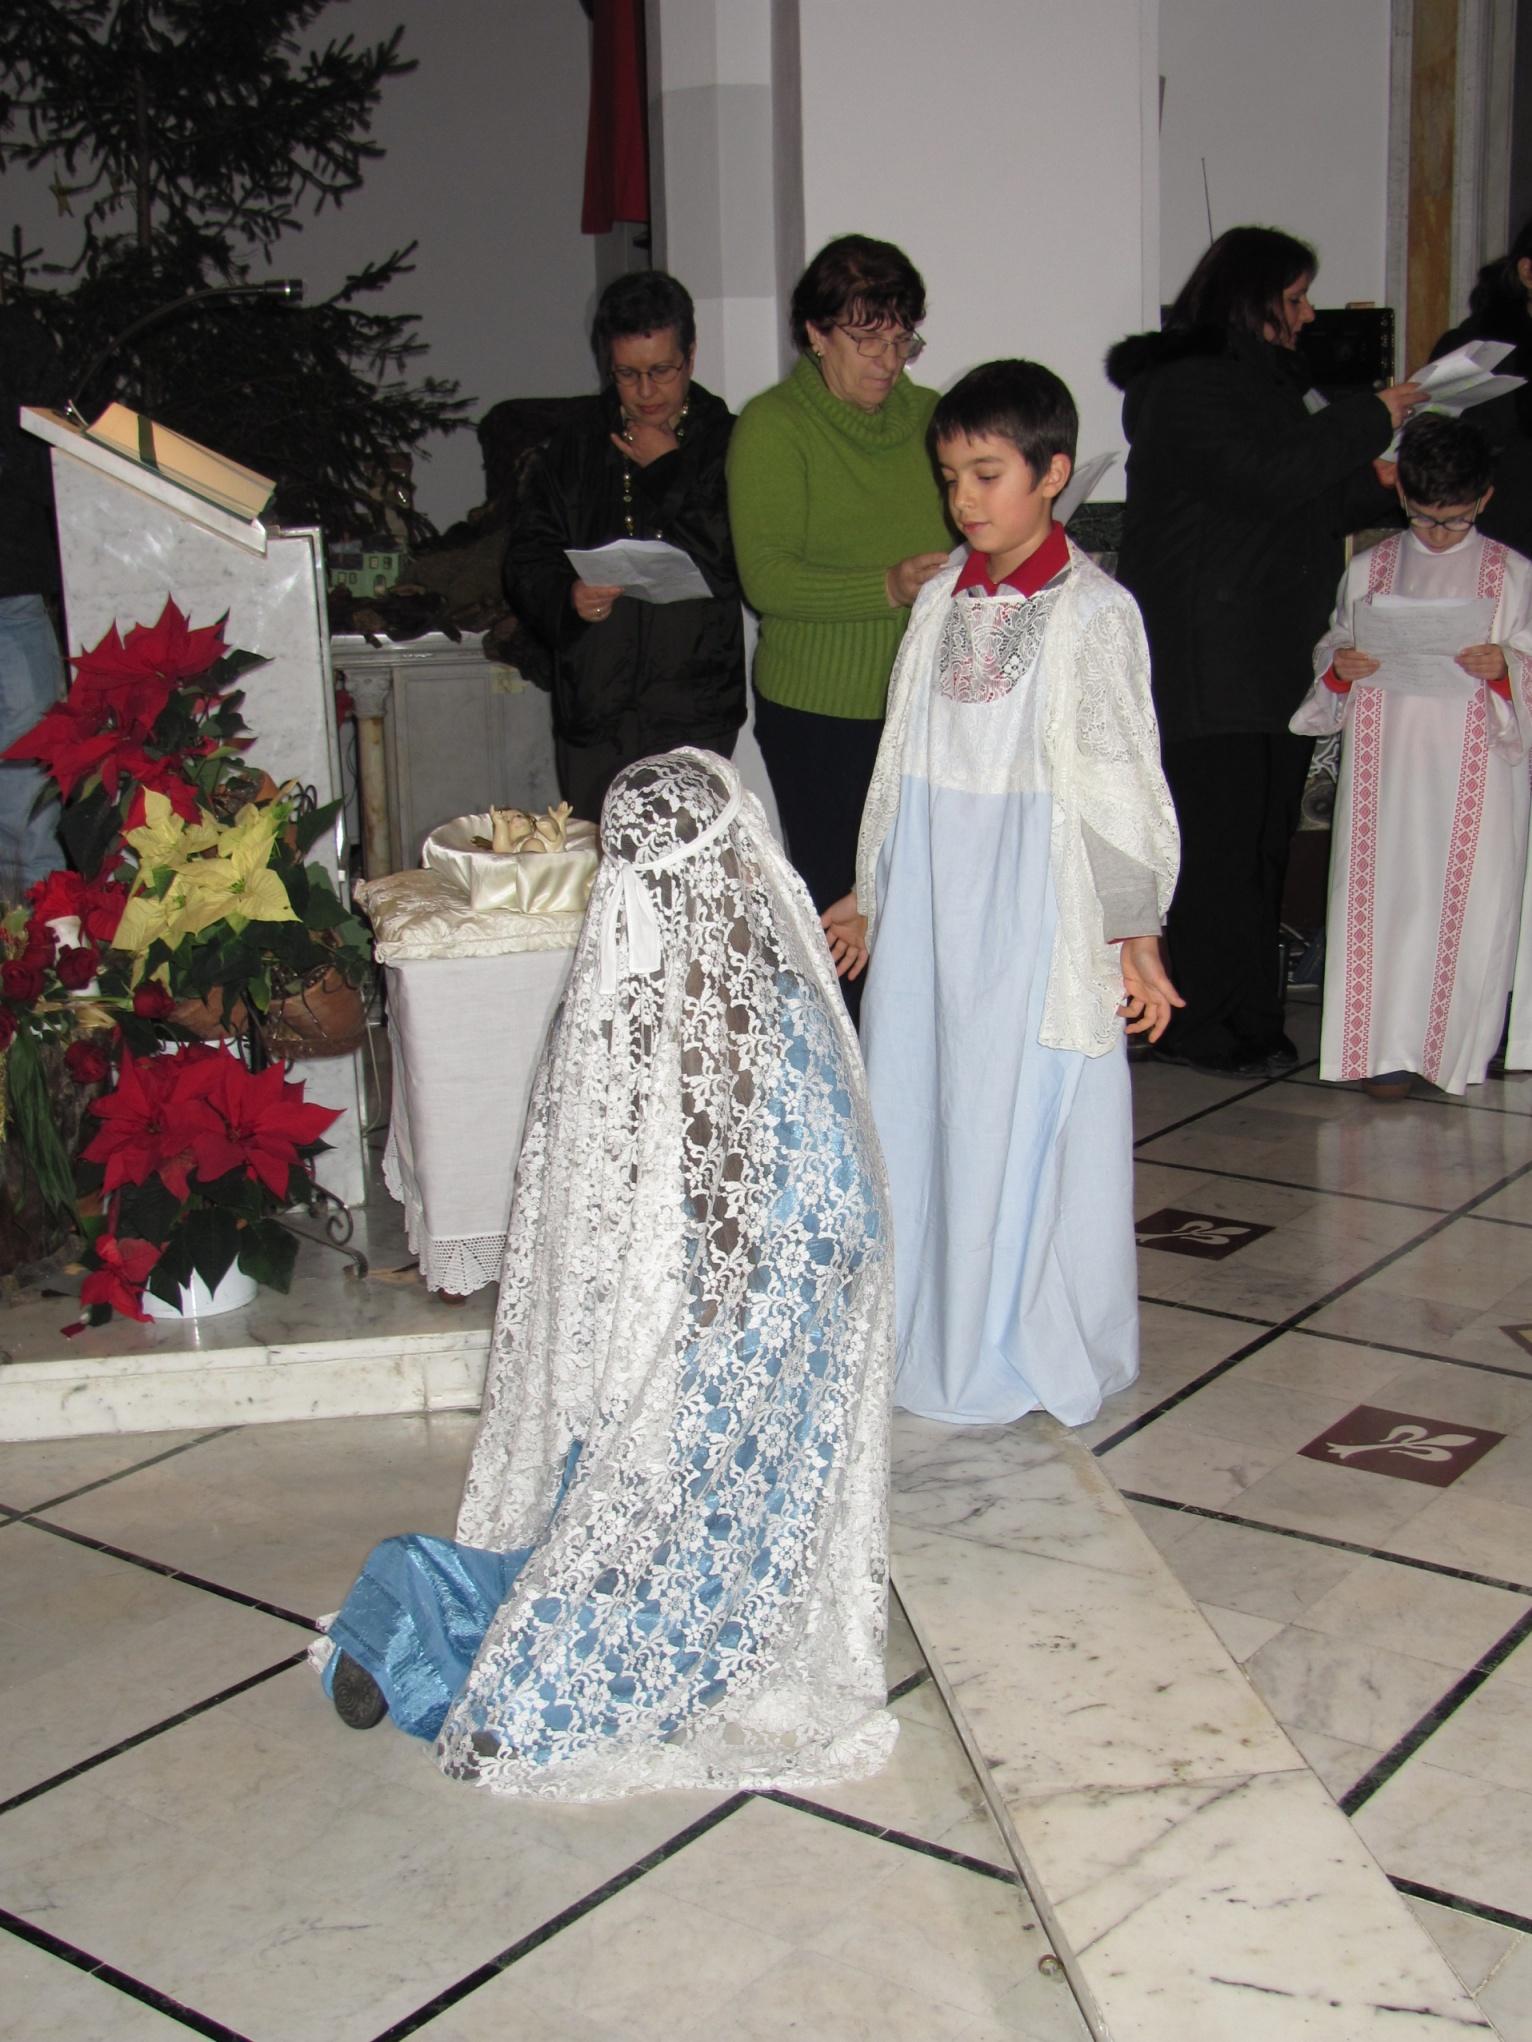 natale_recita_vigilia_2010-12-24-17-35-42